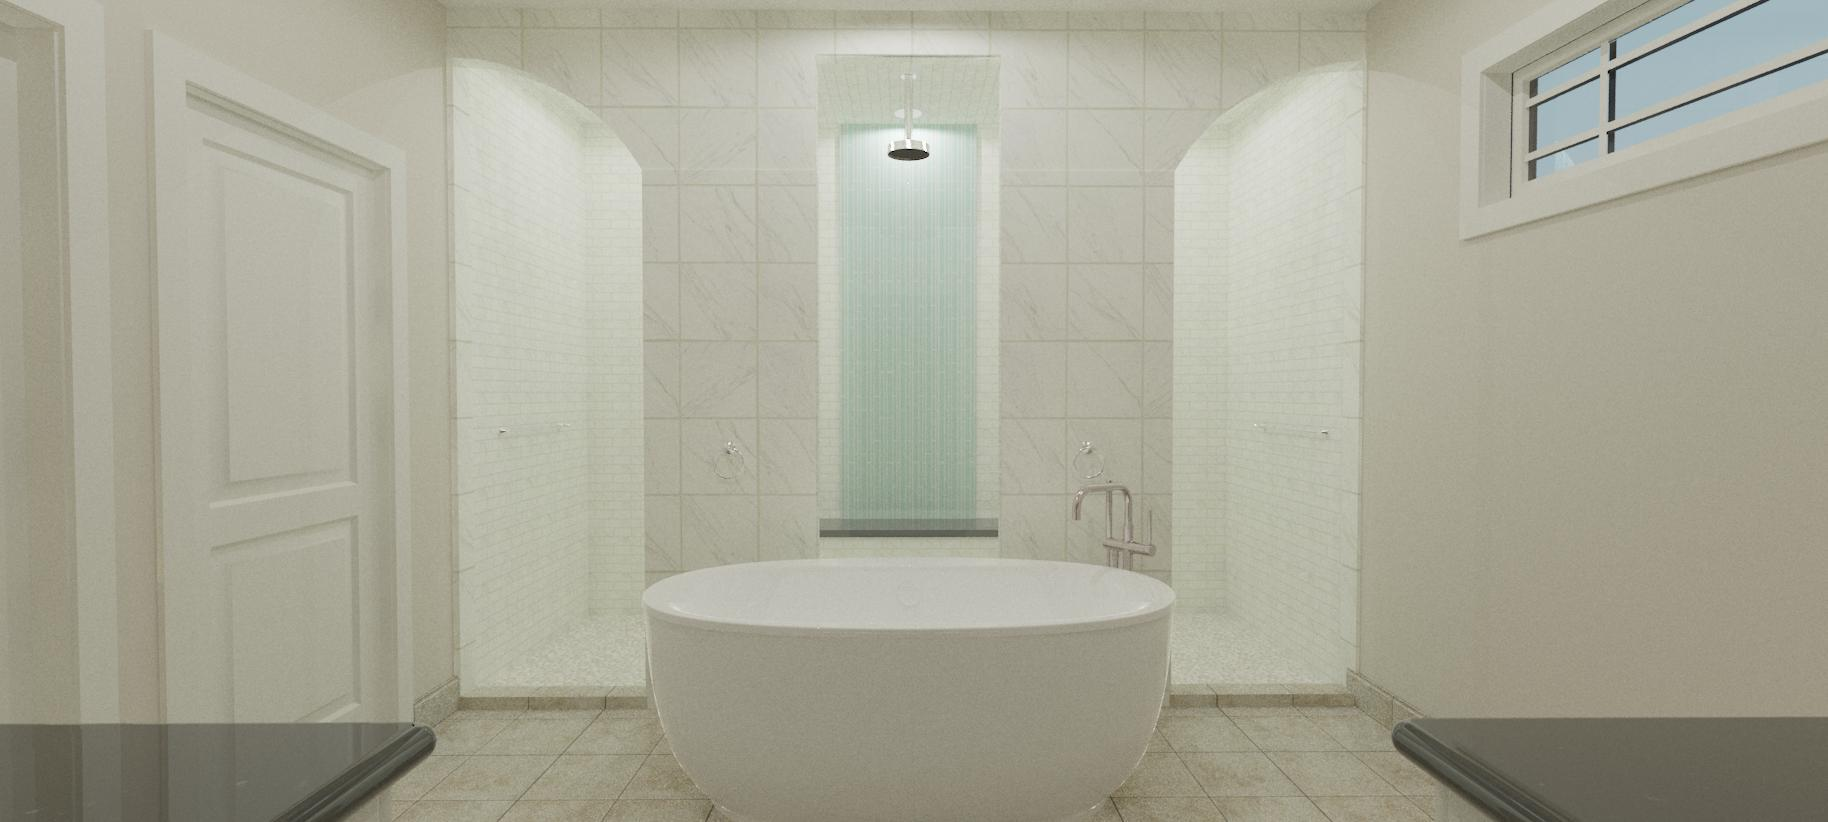 Bathroom Render (4)